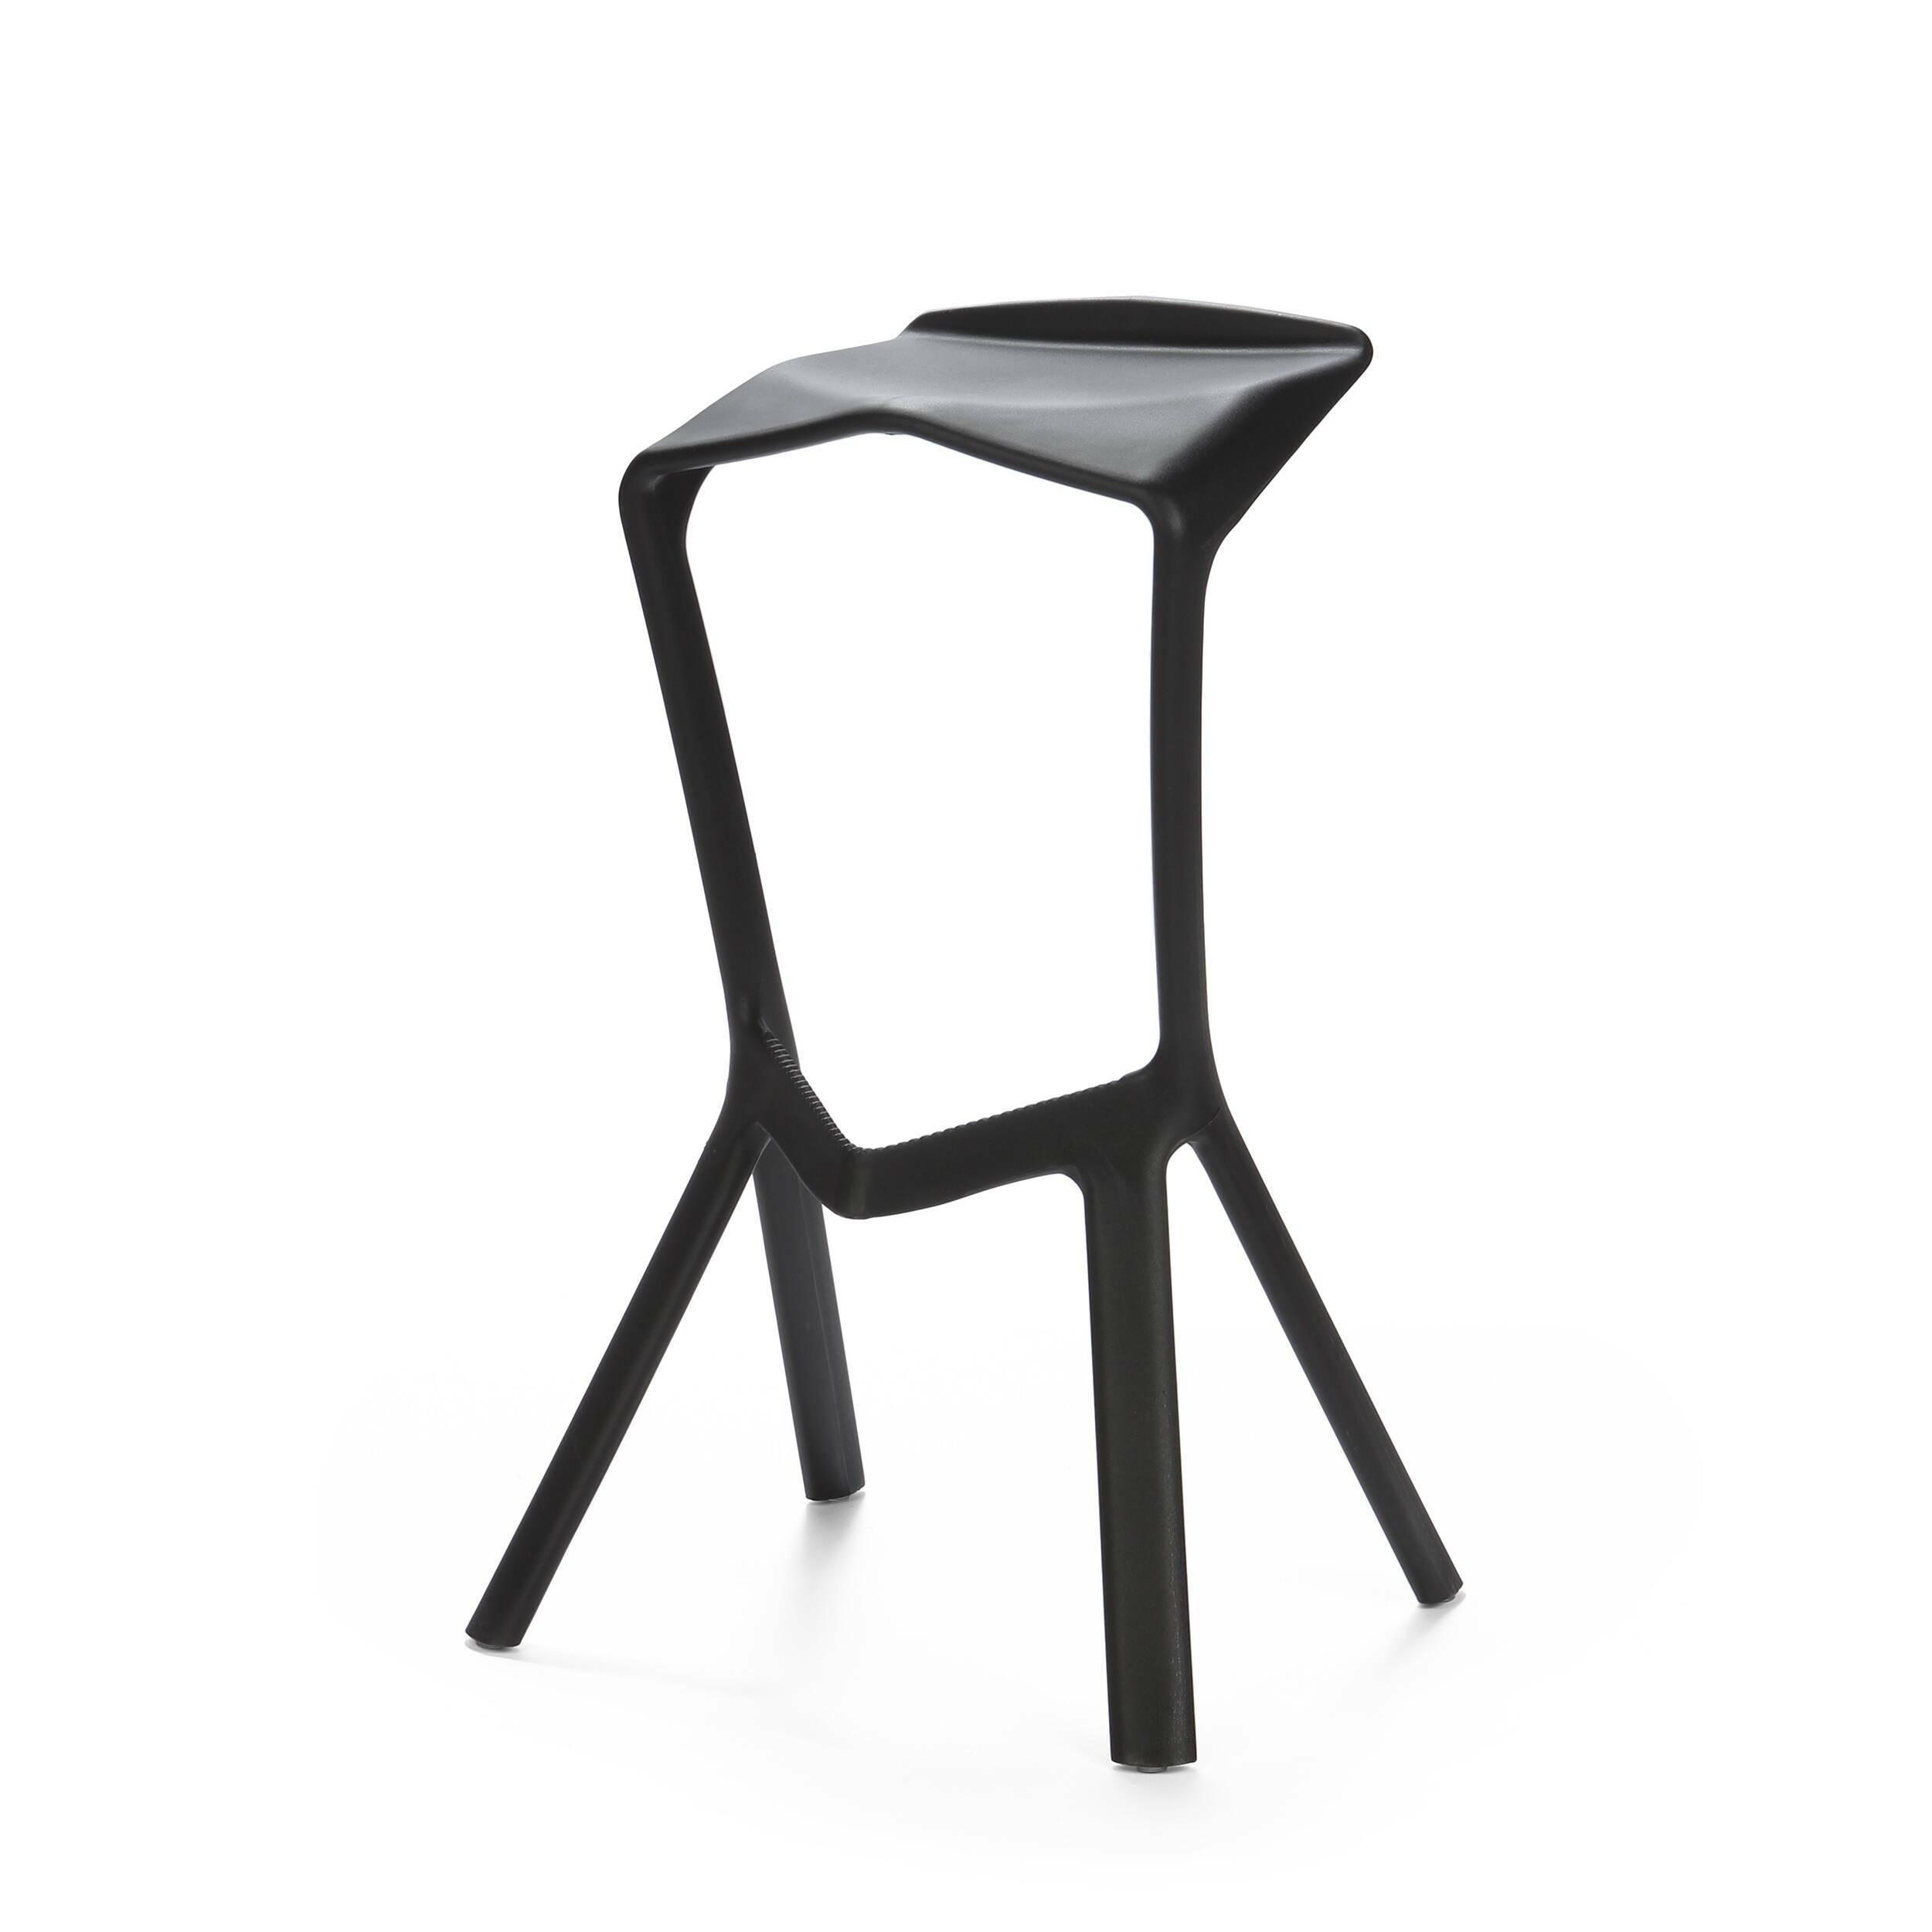 Барный стул Miura 2Барные<br>Дизайнерский барный стул Miura 2 (Миюра) необычной формы с каркасом из полипропилена от Cosmo (Космо). <br><br> Известный немецкий дизайнер Константин Грчик любит экспериментировать. Благодаря смелому видению и умению сочетать практичность и эстетику он получает самые престижные дизайнерские награды, его творения выигрывают призы на конкурсах, некоторые даже являются экспонатами Нью-Йоркского музея современного искусства. Барный стул Miura 2 — один из таких предметов, эта работа была представлен...<br><br>stock: 21<br>Высота: 82<br>Высота сиденья: 77.5<br>Ширина: 48<br>Глубина: 40.5<br>Тип материала каркаса: Полипропилен<br>Цвет каркаса: Черный